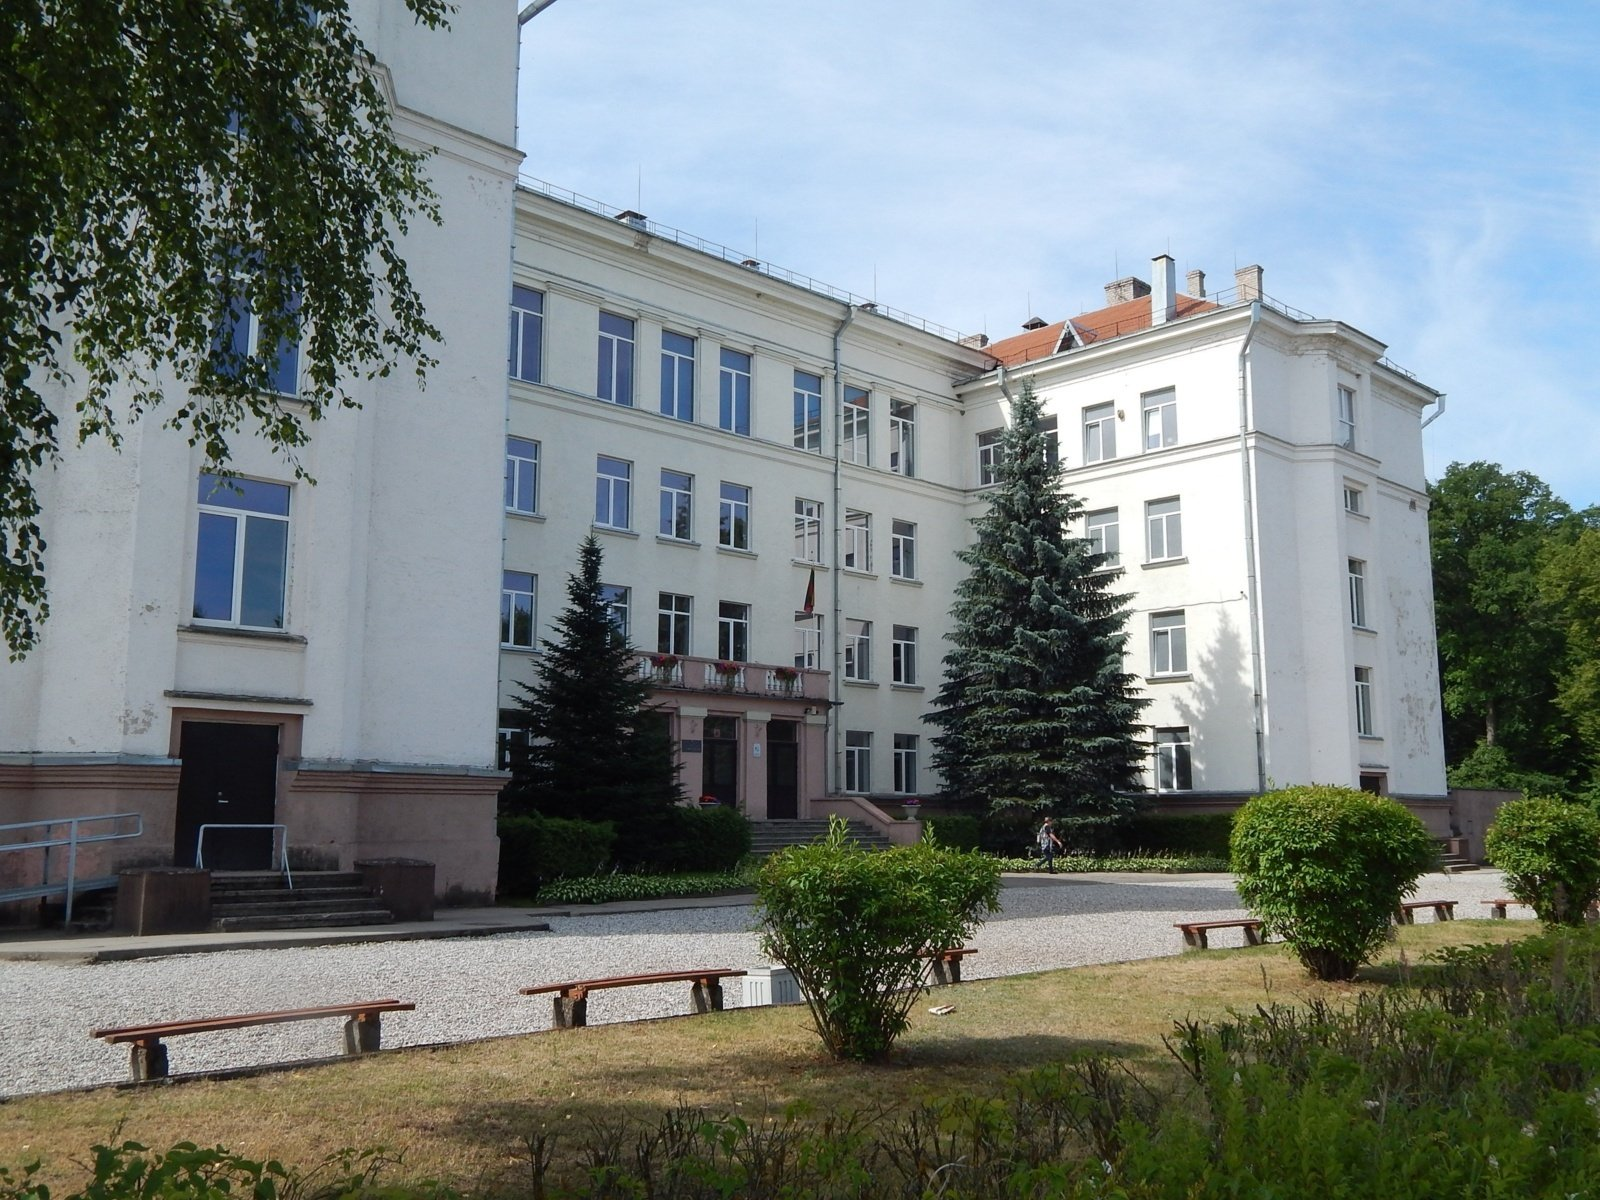 Dėl remonto darbų Jurbarko Antano Giedraičio-Giedriaus gimnazijoje darbas bus organizuojamas kitose švietimo įstaigose